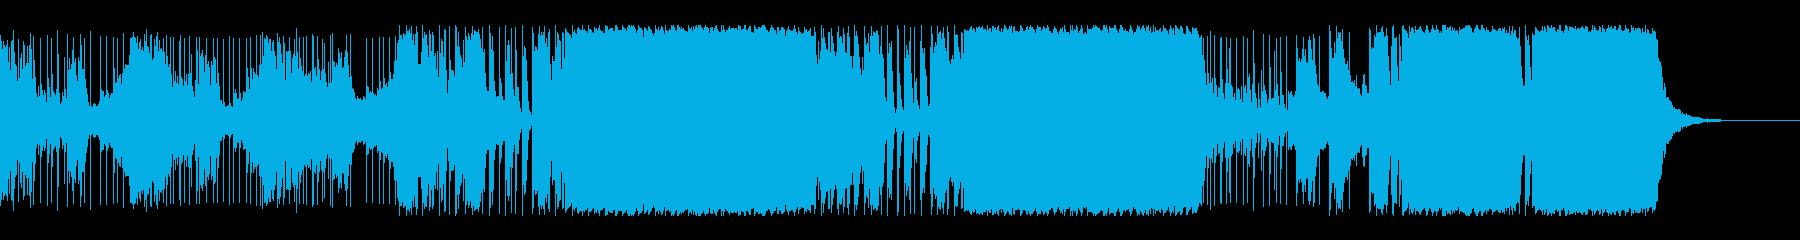 実験的な 不思議 奇妙 シンセサイ...の再生済みの波形